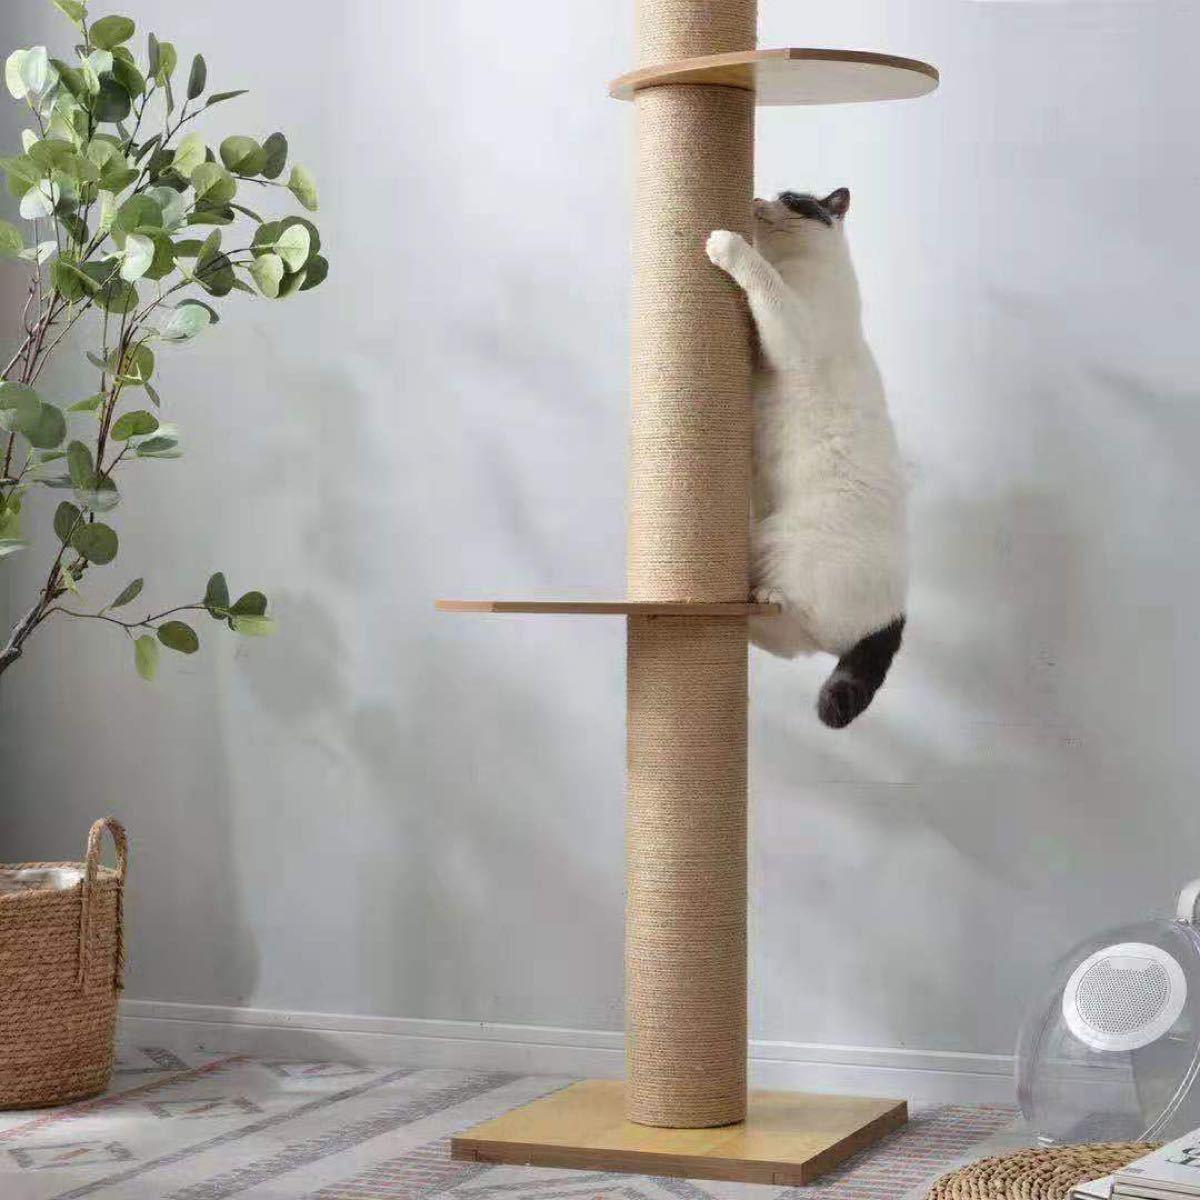 キャットタワー  木登りタワー シングル 省スペース 全麻縄巻きおしゃれ 可愛い